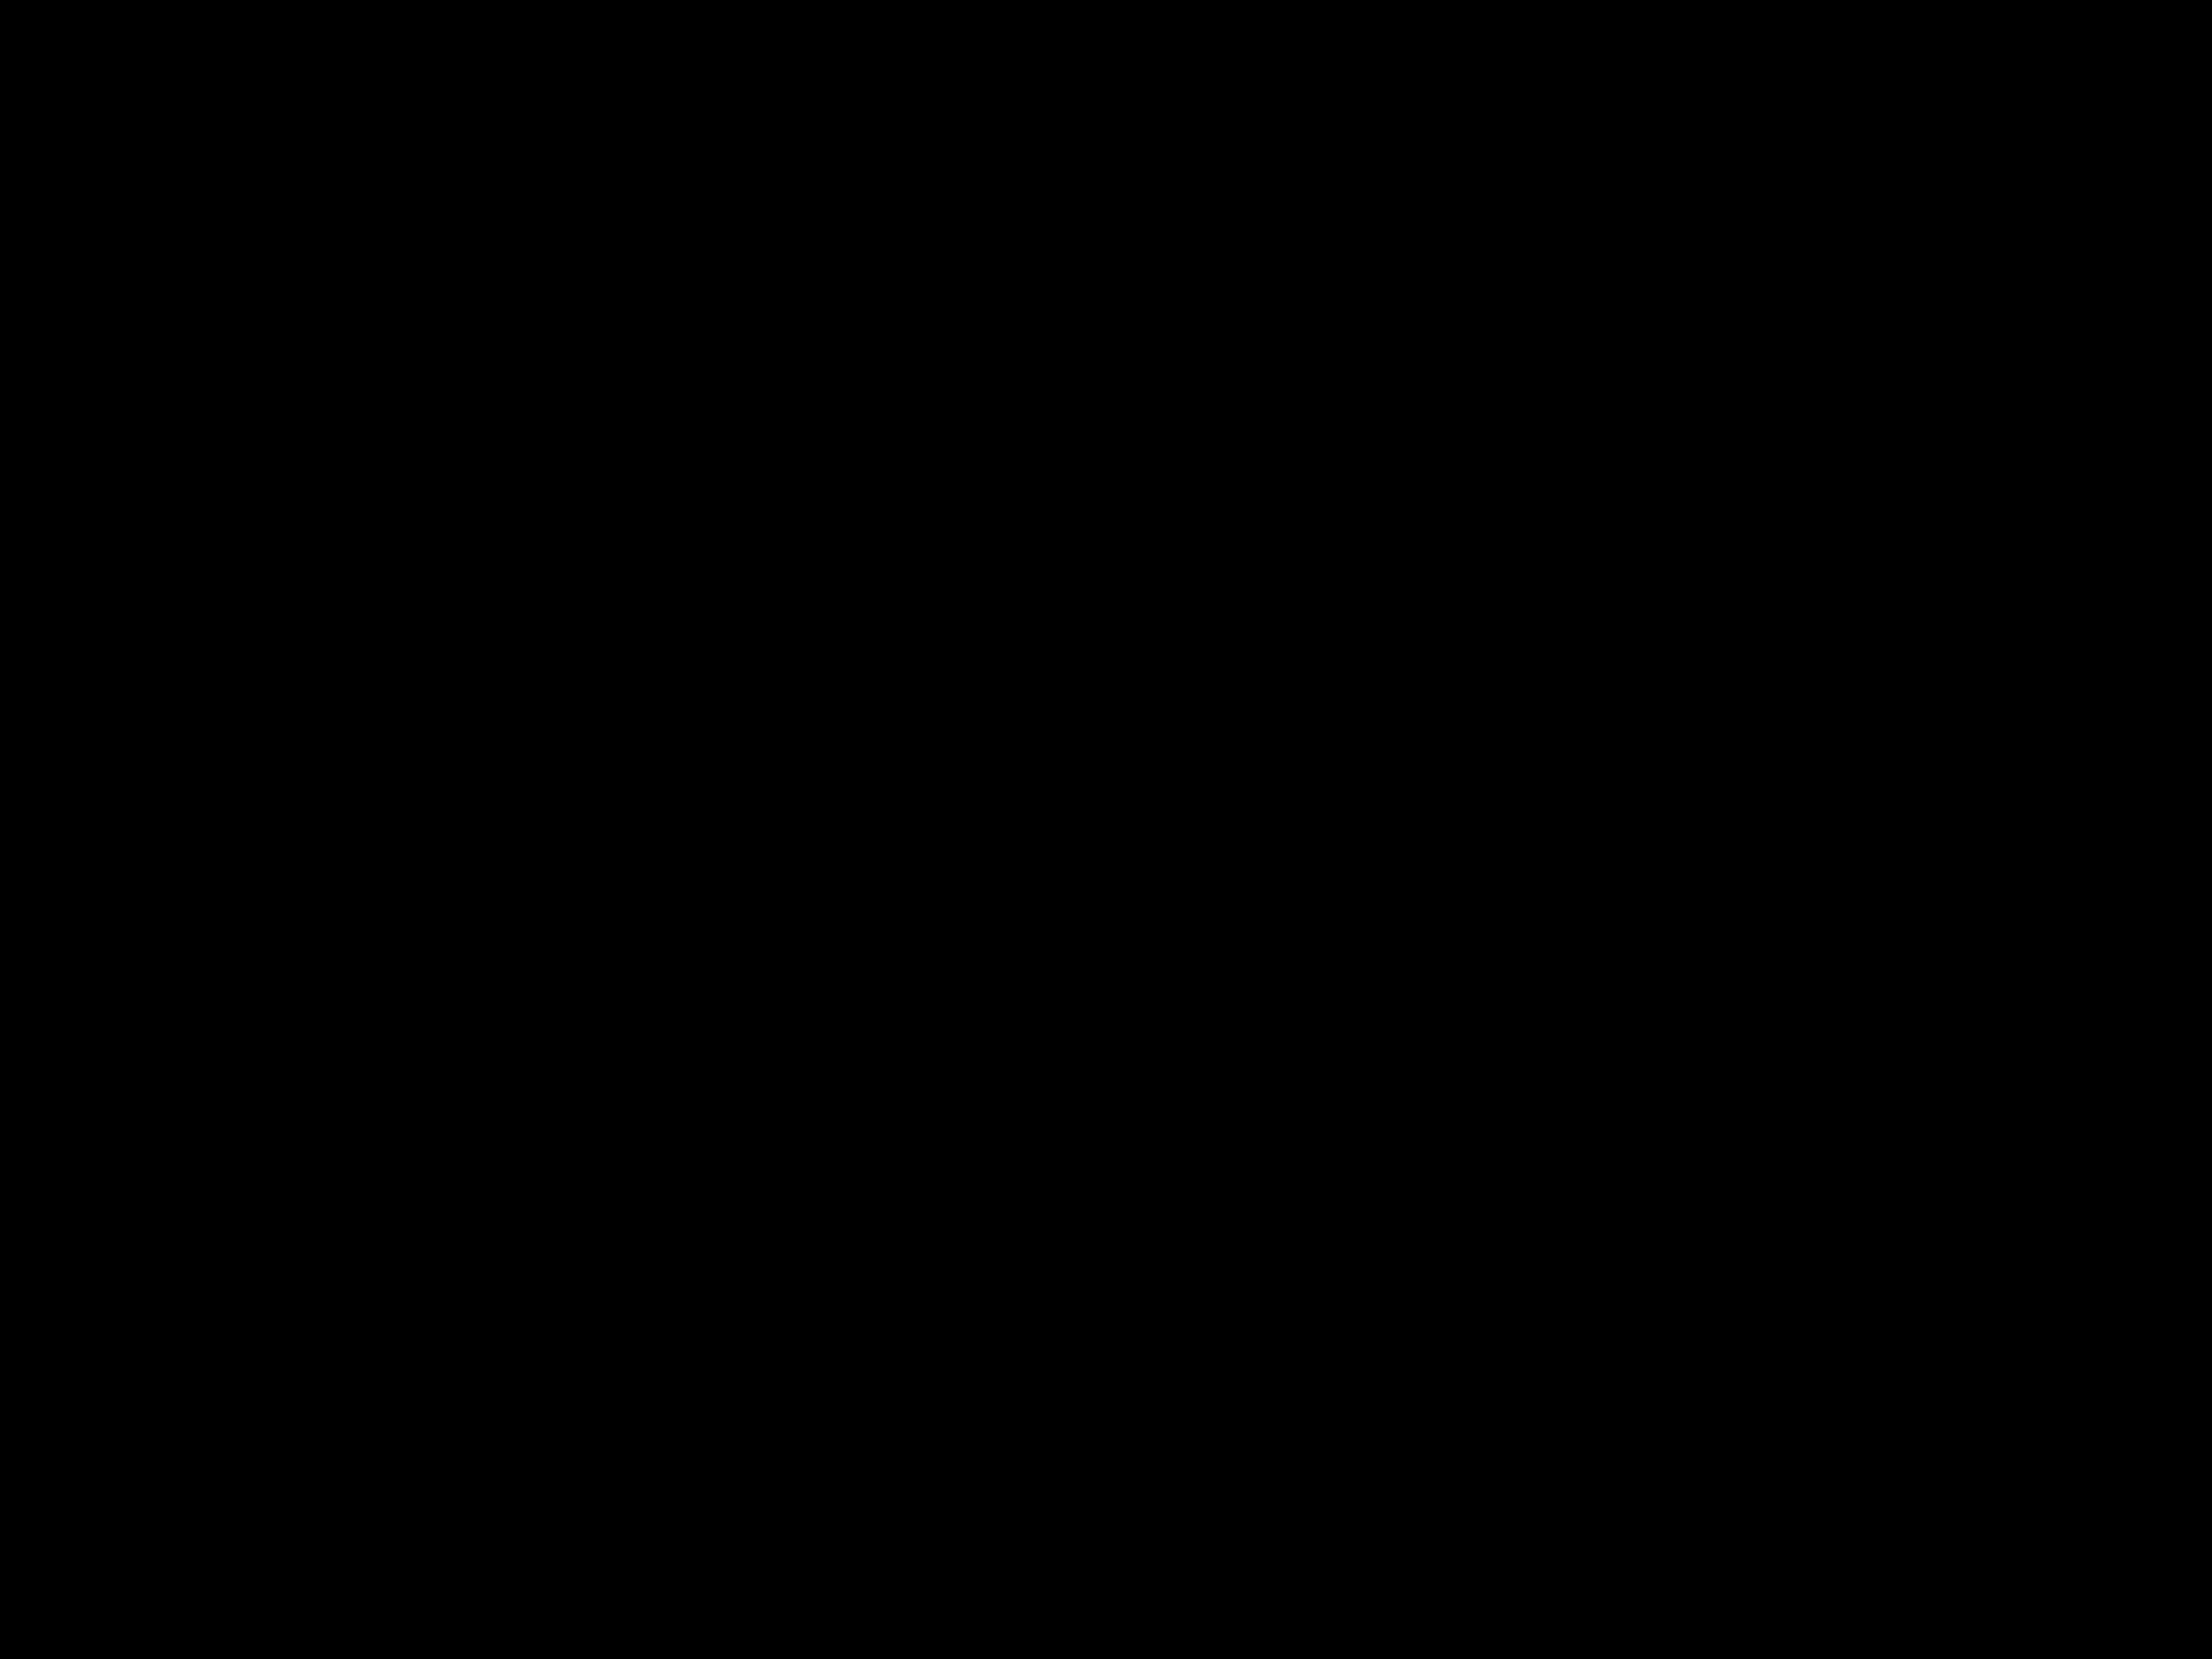 Éléments image gratuite – Logo illustration